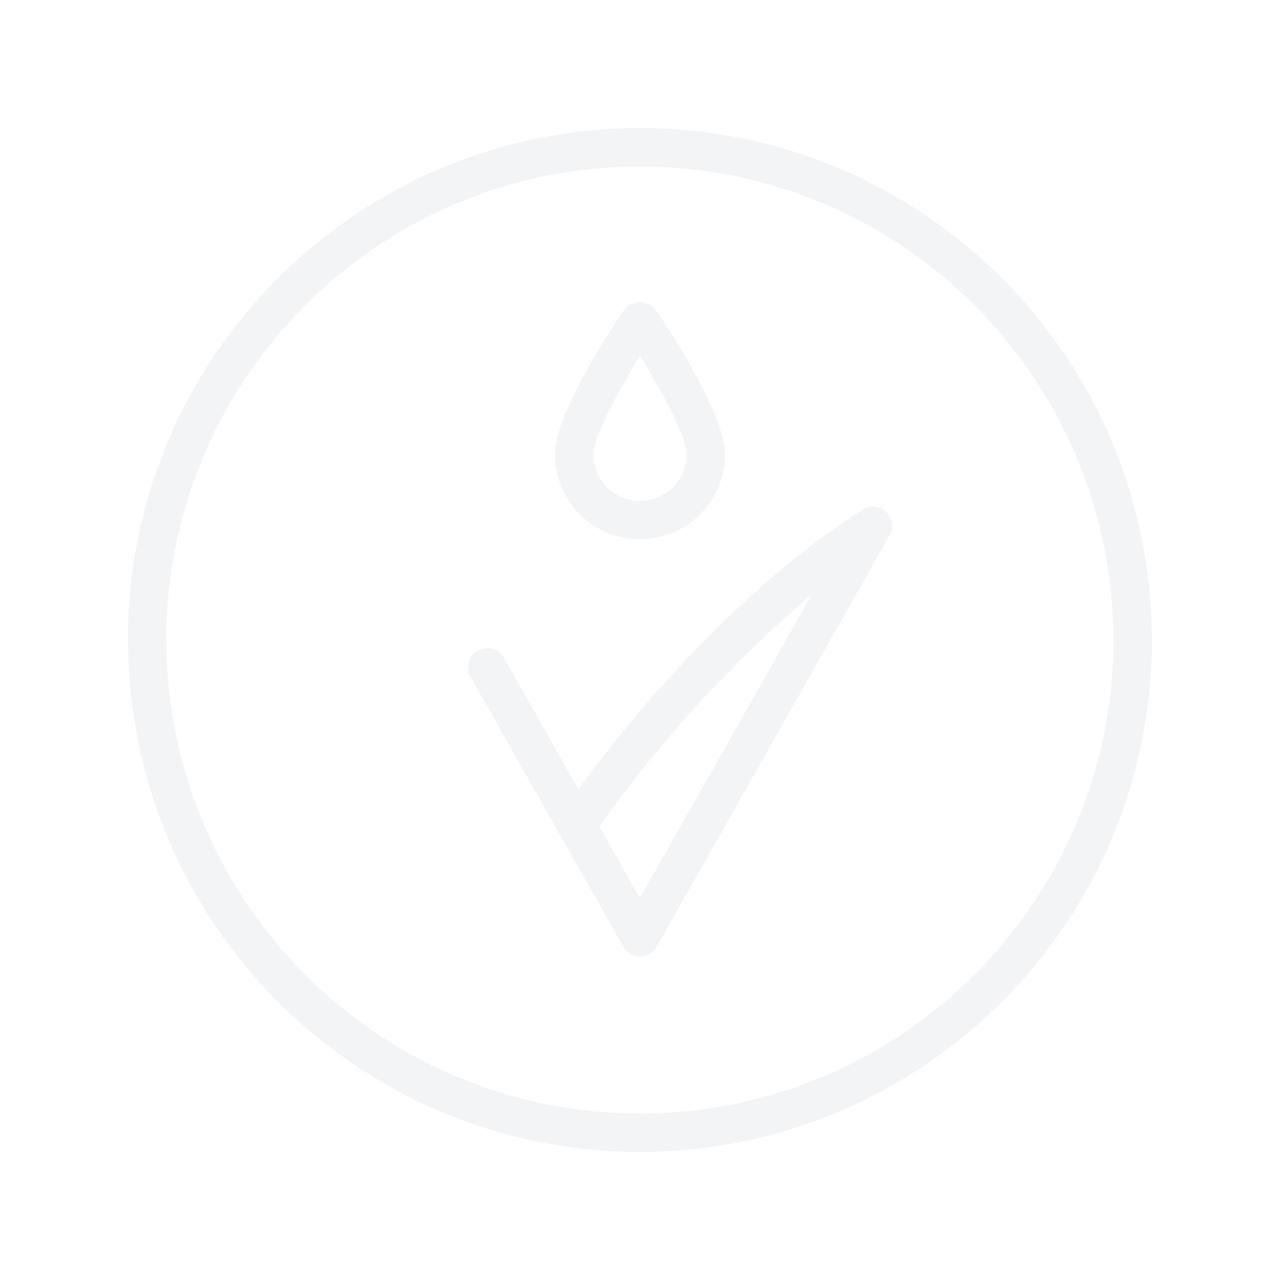 BOURJOIS Smoky Stories Quad Eyeshadow Palette 3.2g